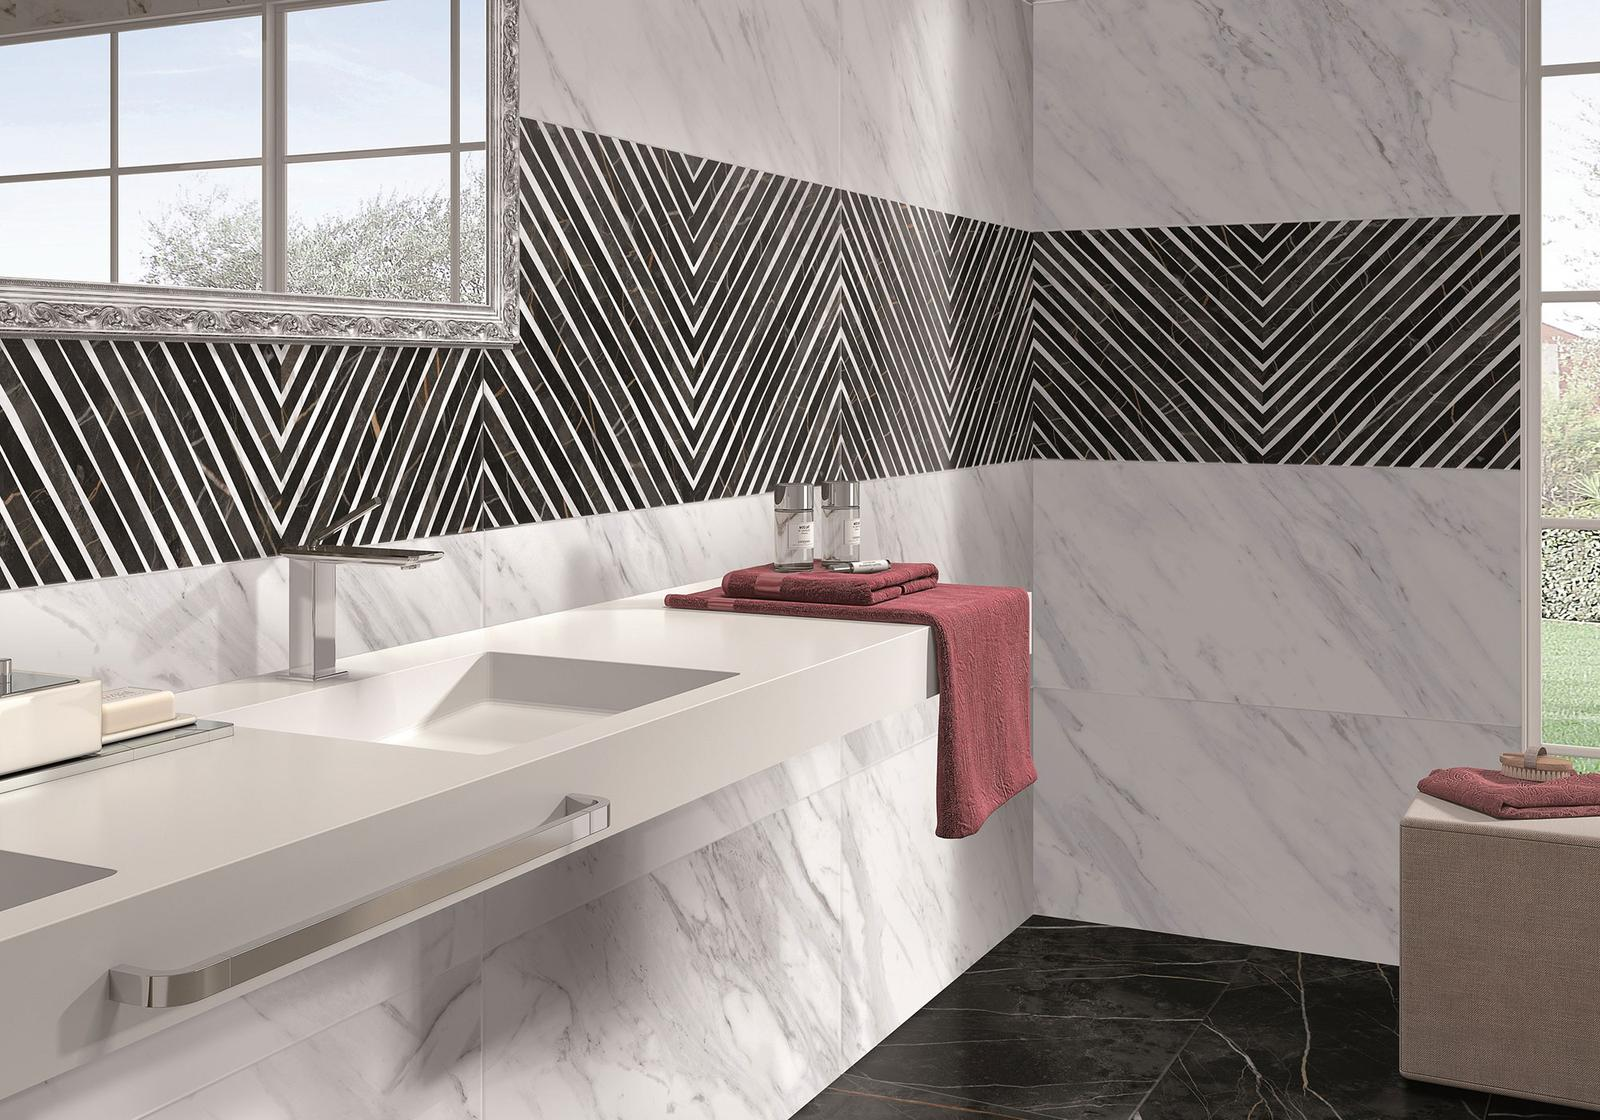 Luxusné kúpelne zo Španielska - dizajnová kúpeľňa North Gloss 49,1x98,2